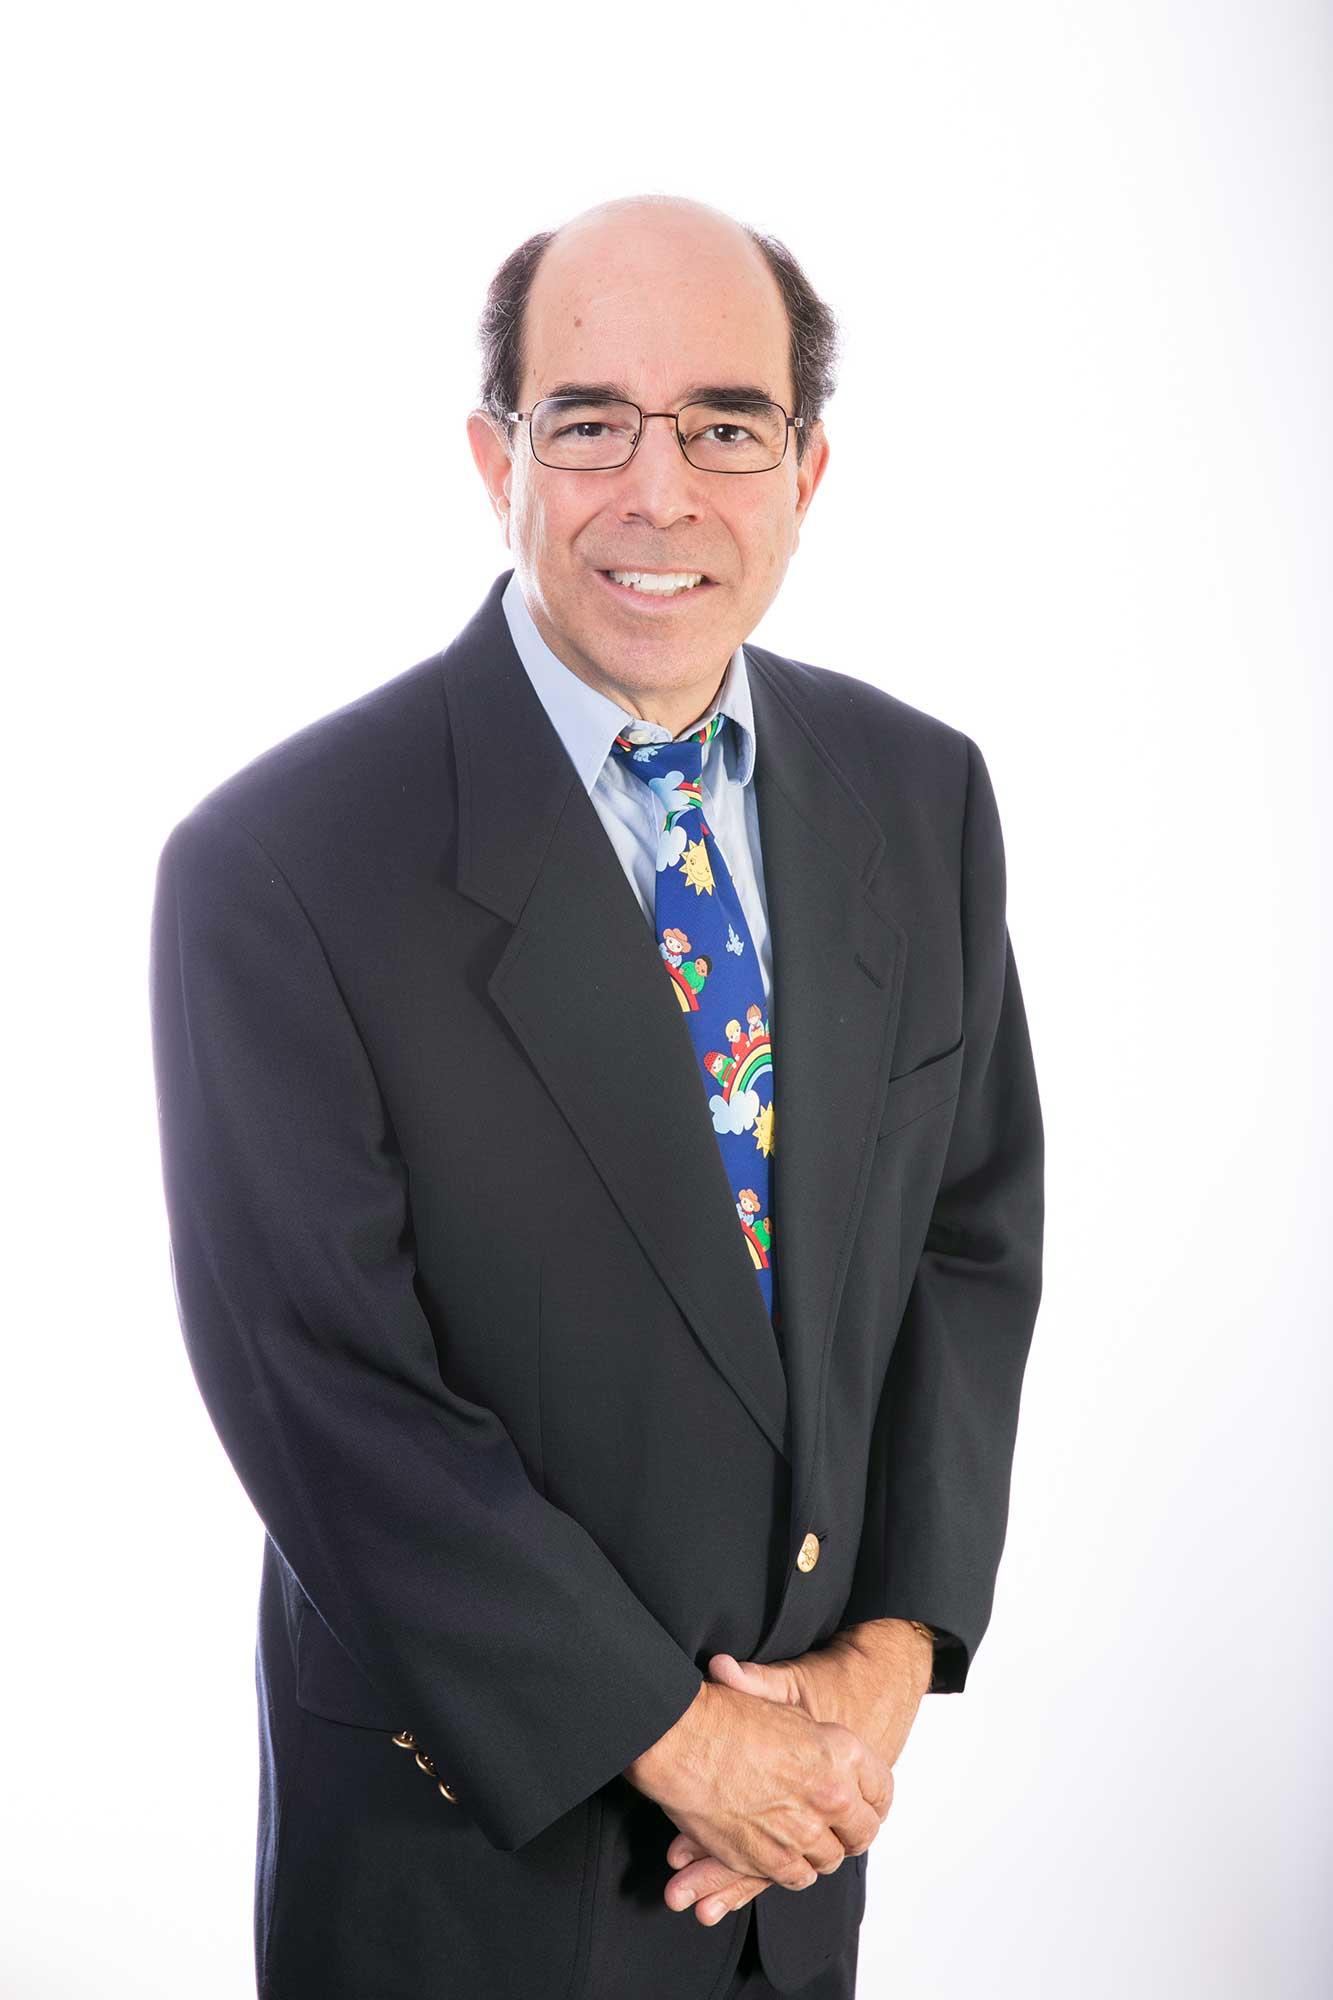 Robert Dabrow, MD, FAAP